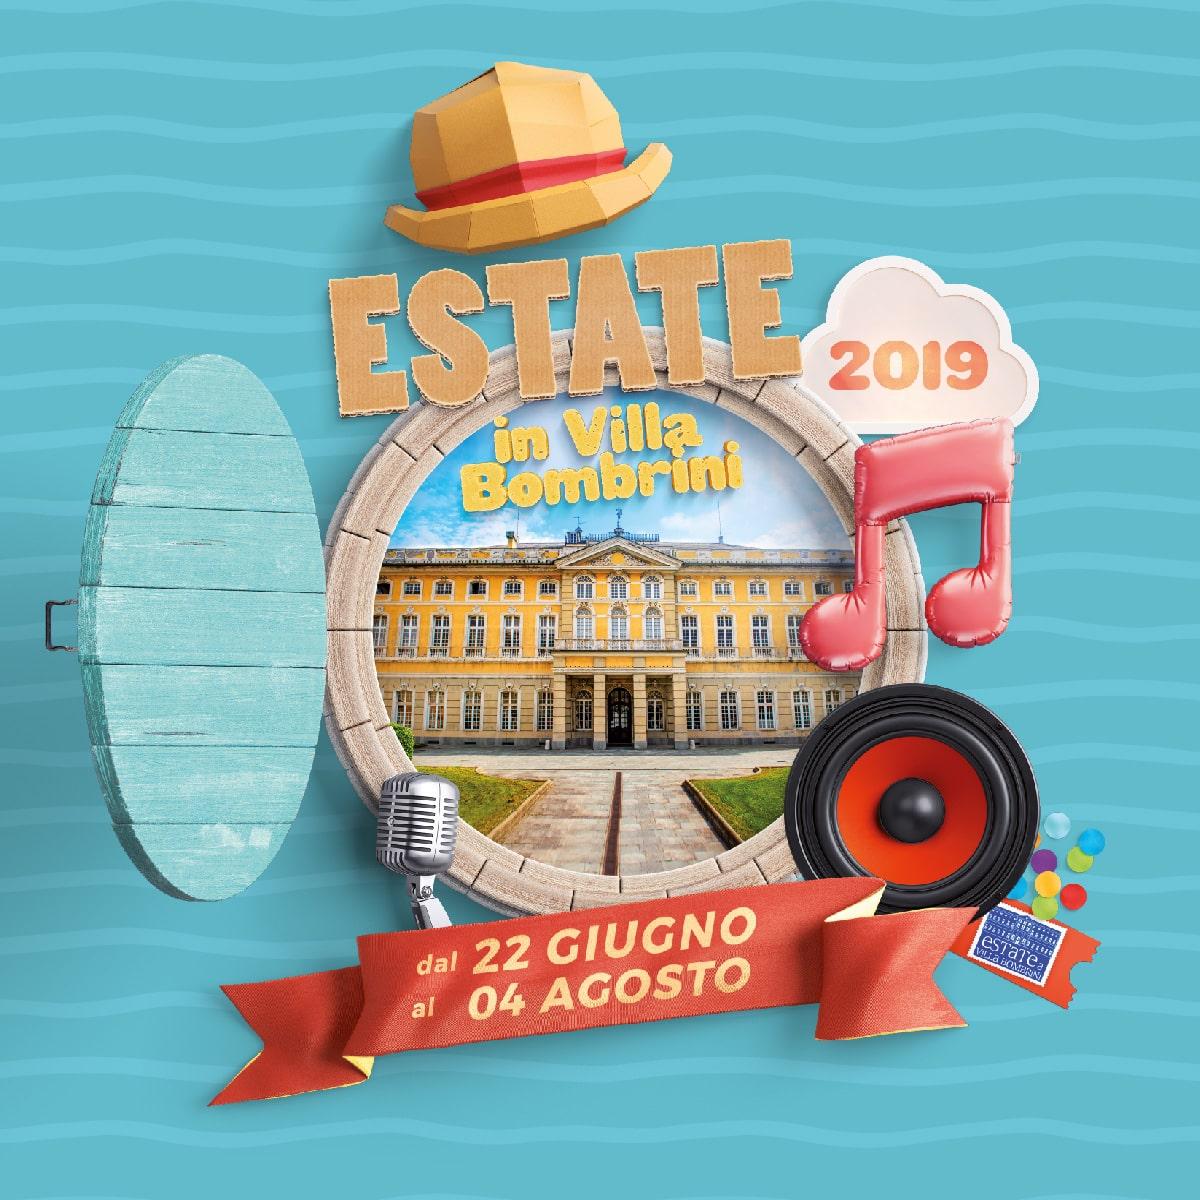 La Vena Artistica Genova polo aziende creative cornigliano - fondazione genova